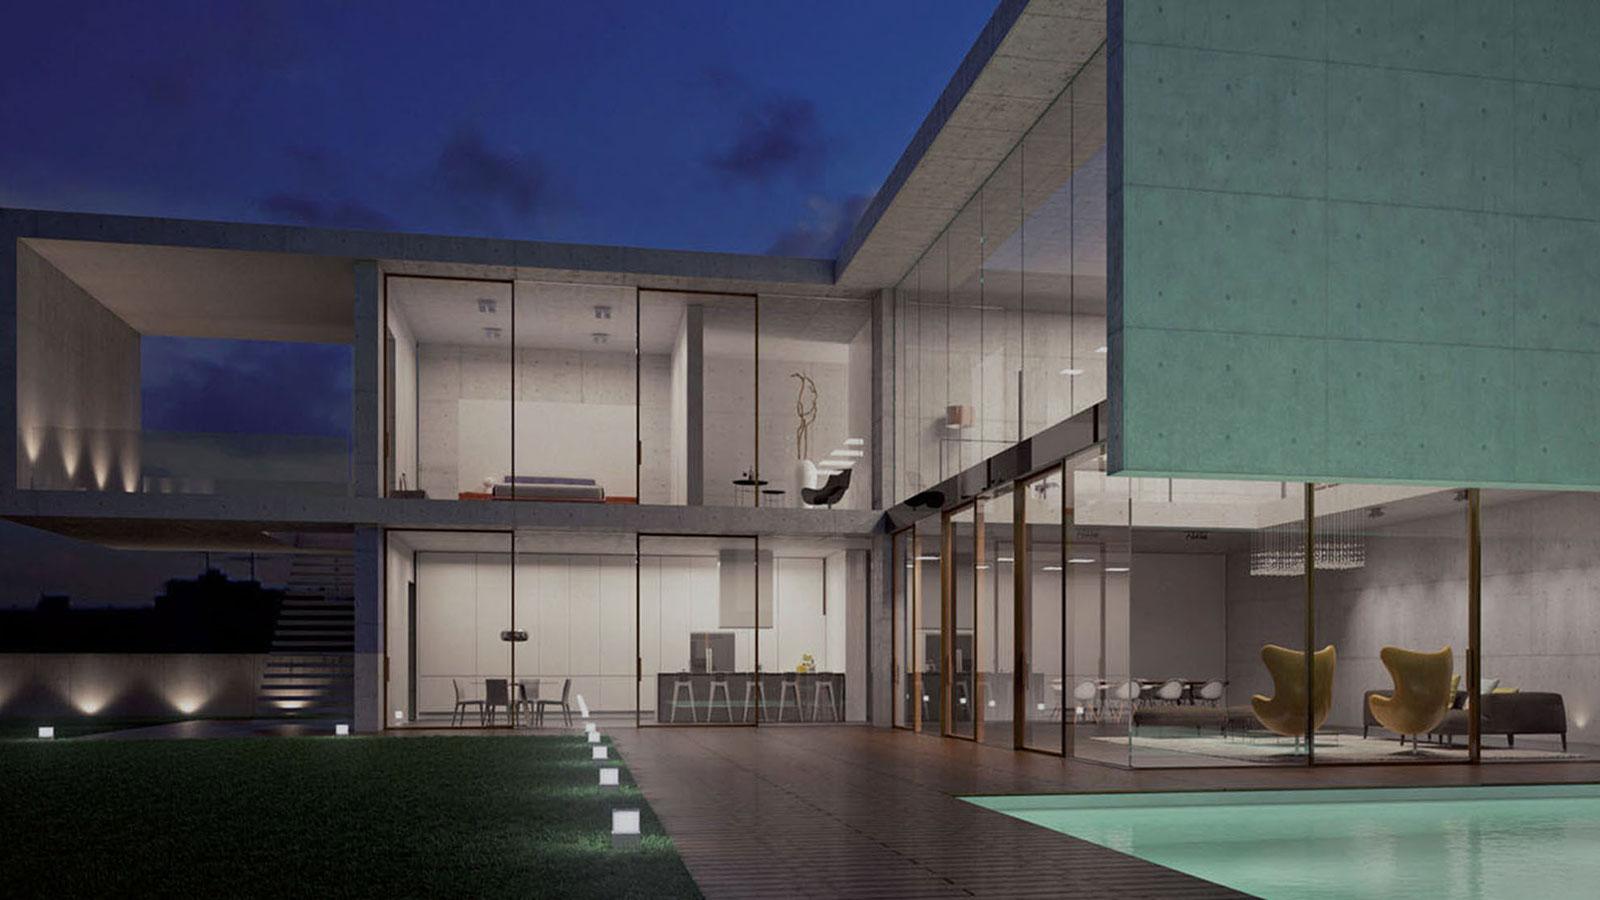 vista angolare di un albergo con piscina